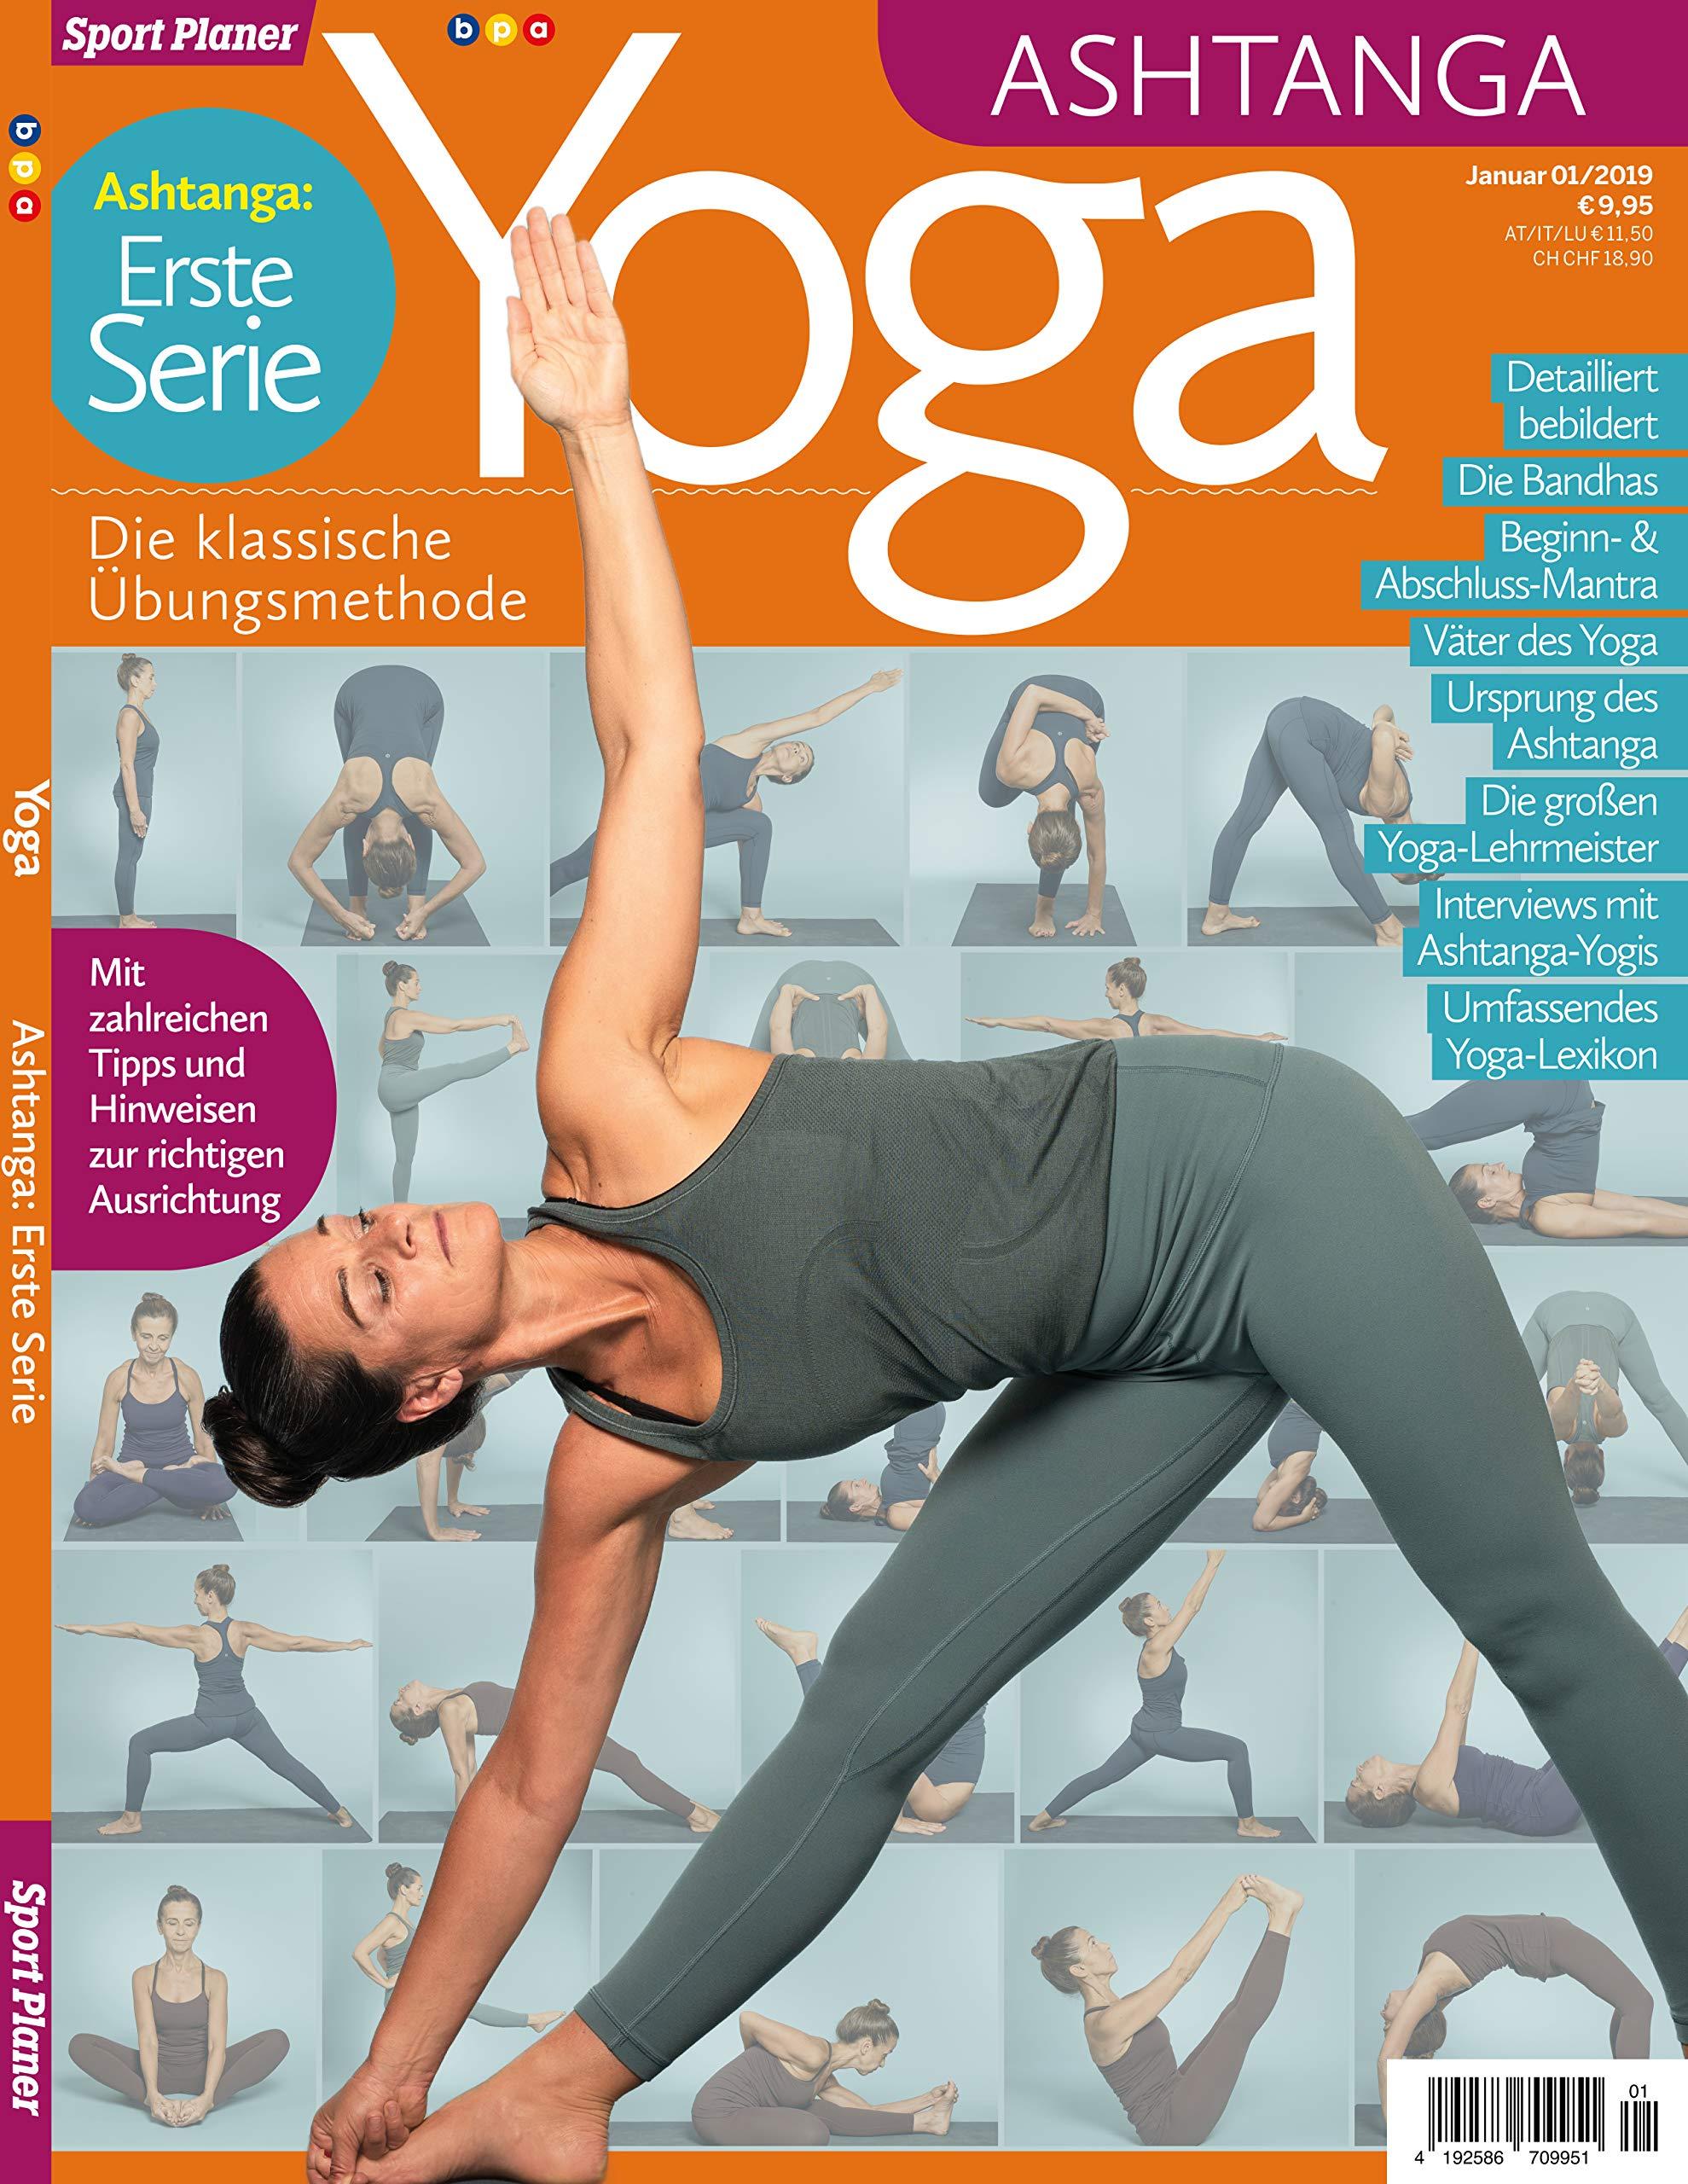 Sport Planer - Yoga - Ashtanga: Erste Serie - Die klassische ...